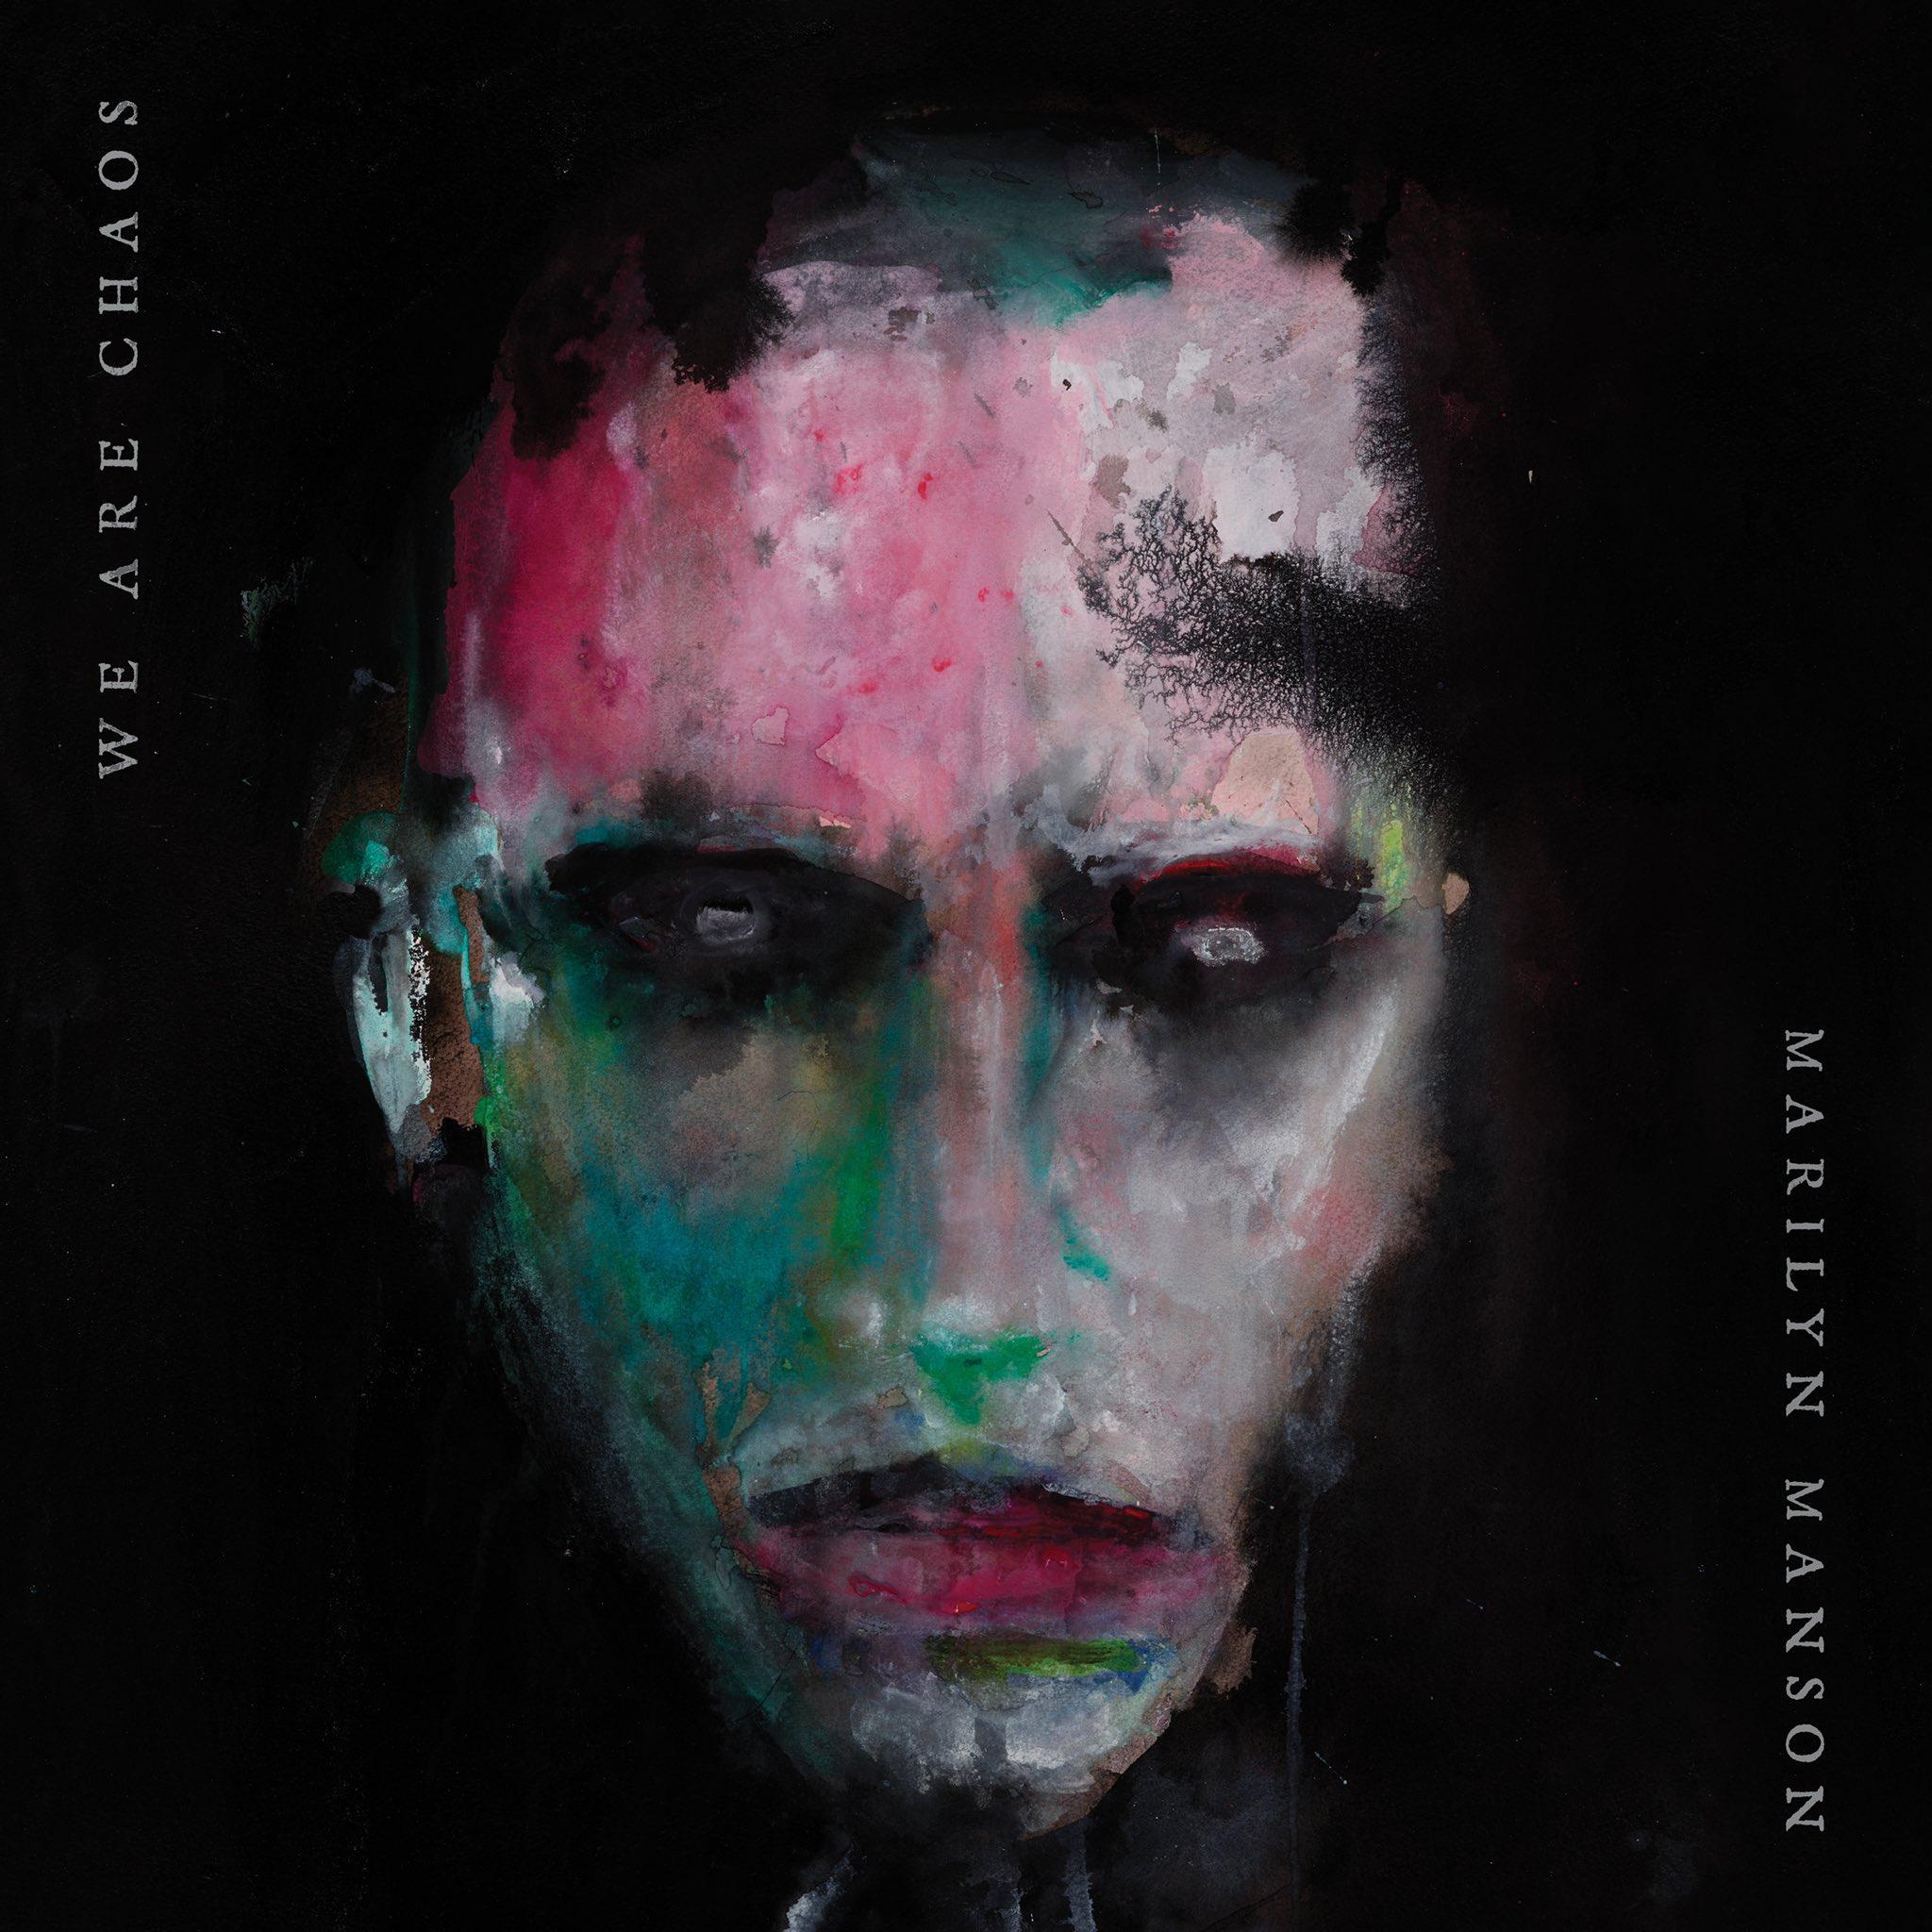 MARILYN MANSON dévoile la nouvelle chanson «Don't Chase The Dead»